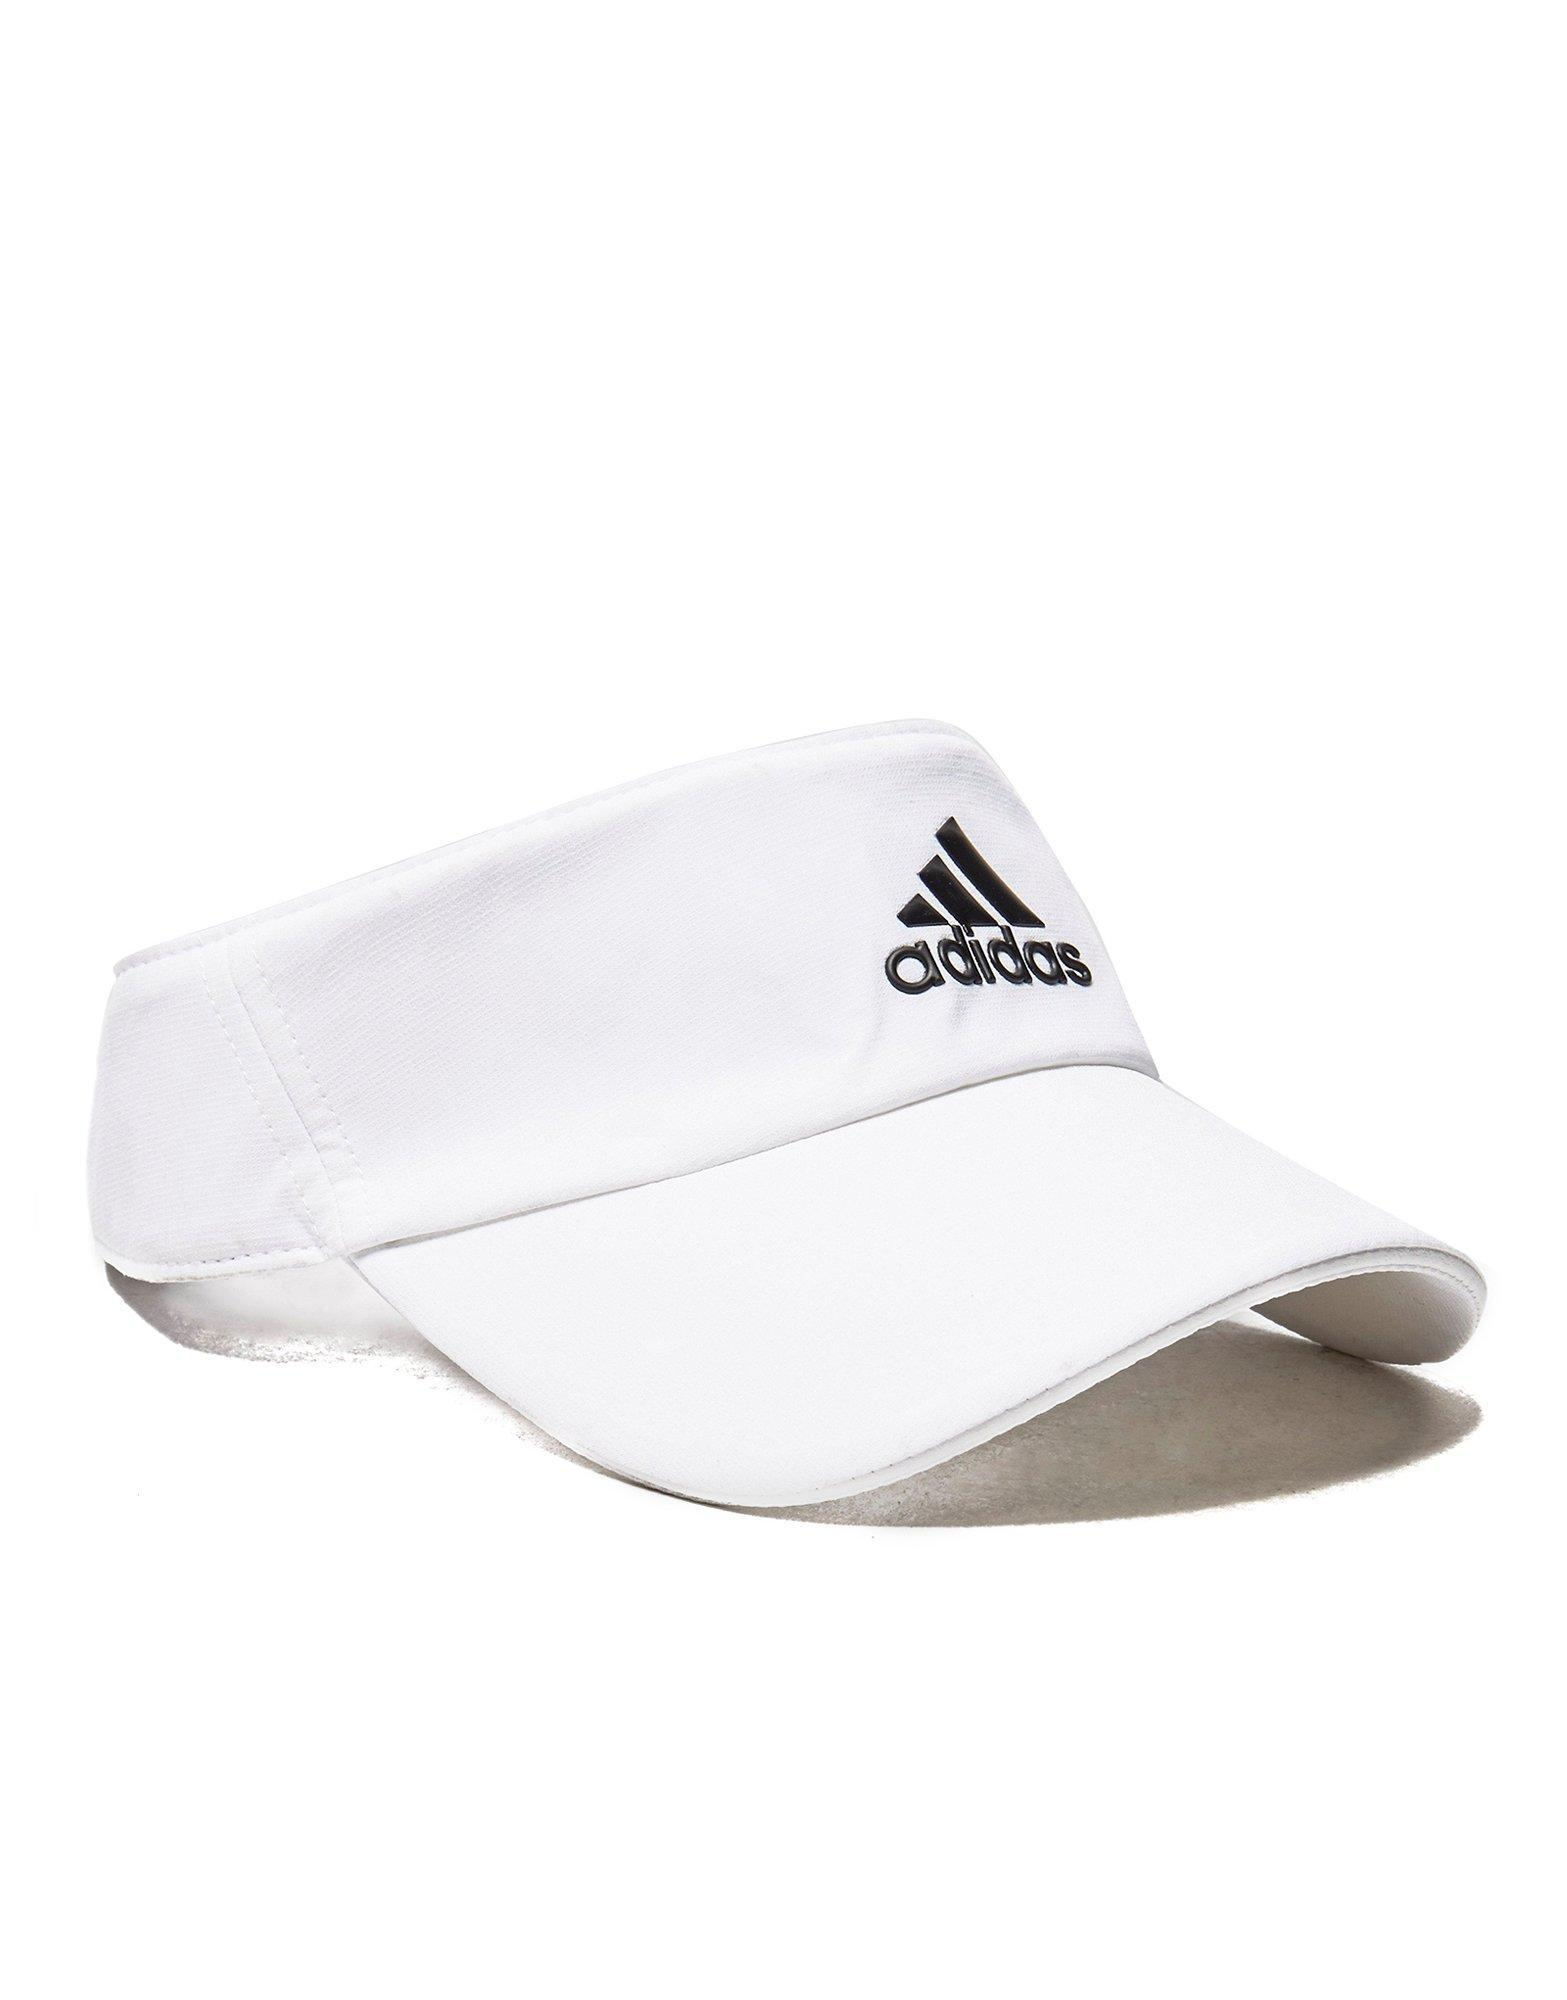 857968633f0 Lyst - Adidas Climalite Visor in White for Men